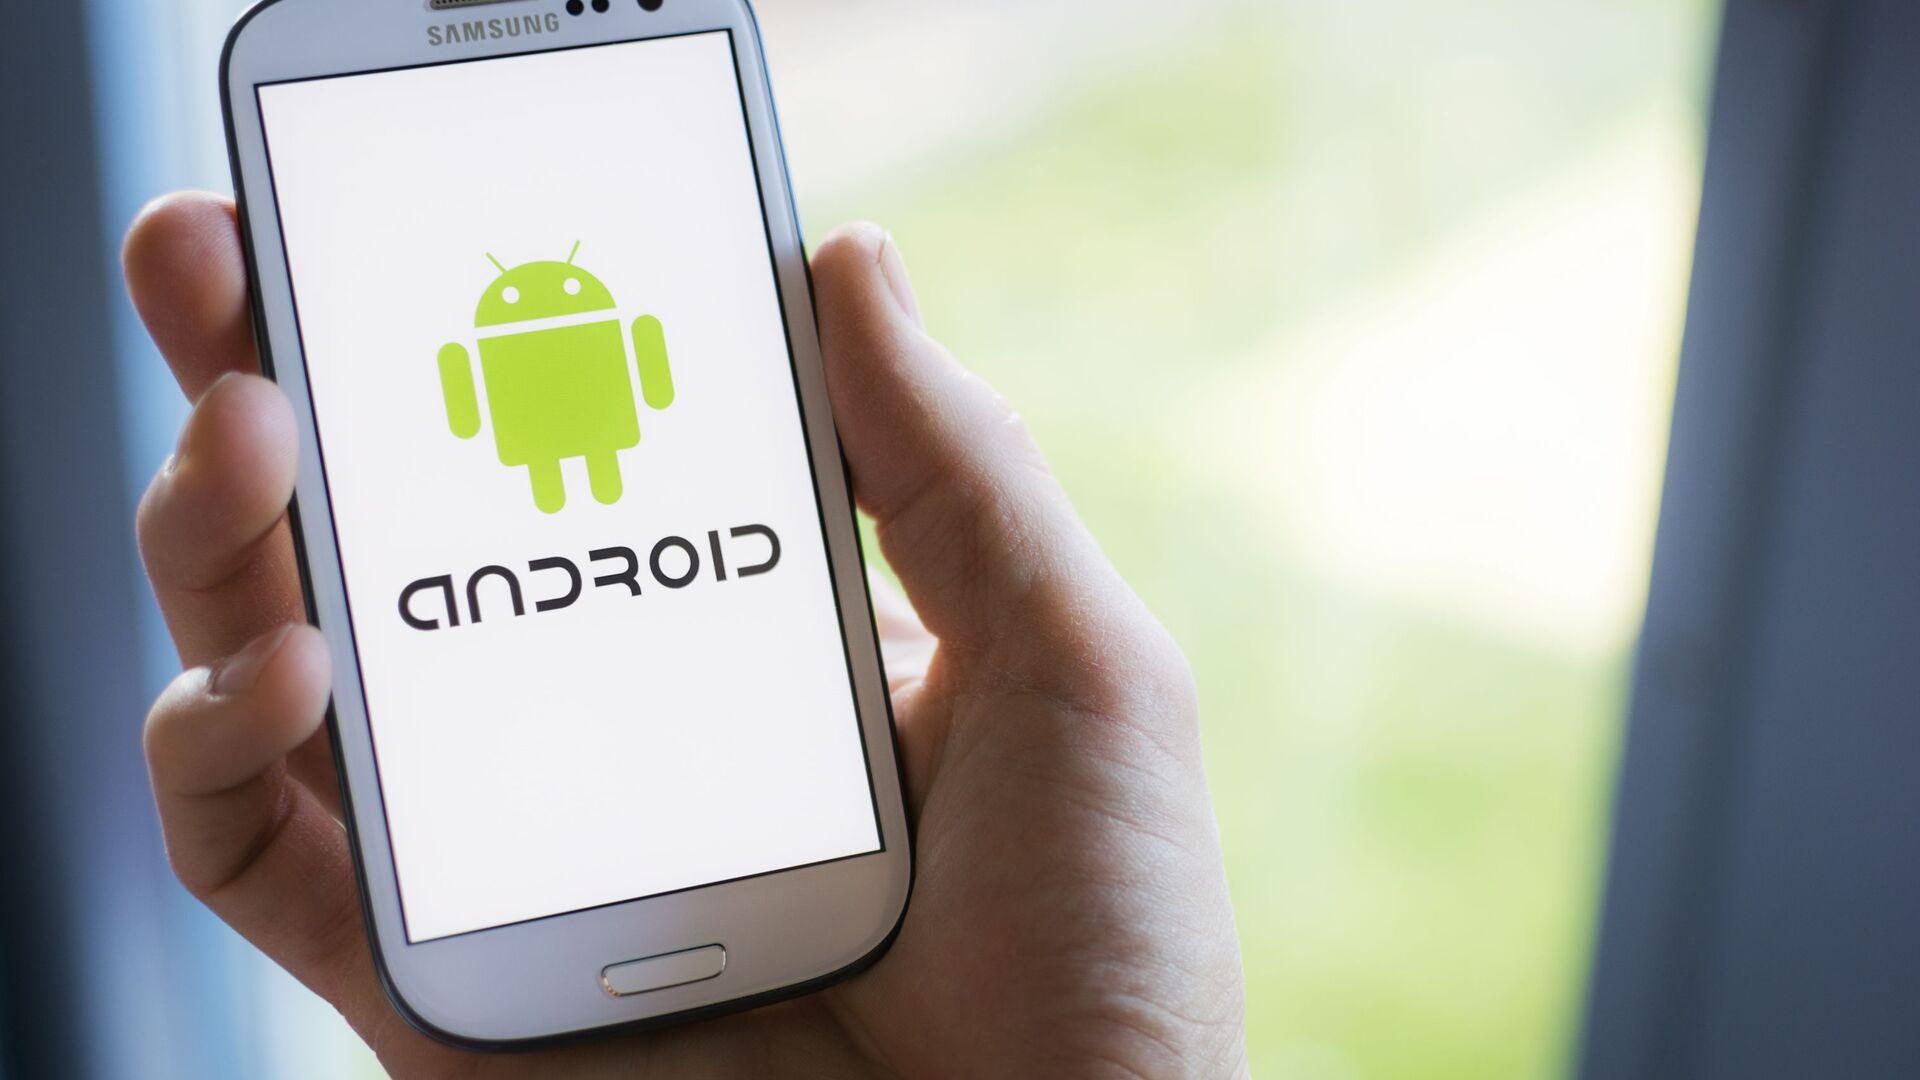 Logo Androida na smartfonie Samsunga. - Sputnik Polska, 1920, 09.02.2021